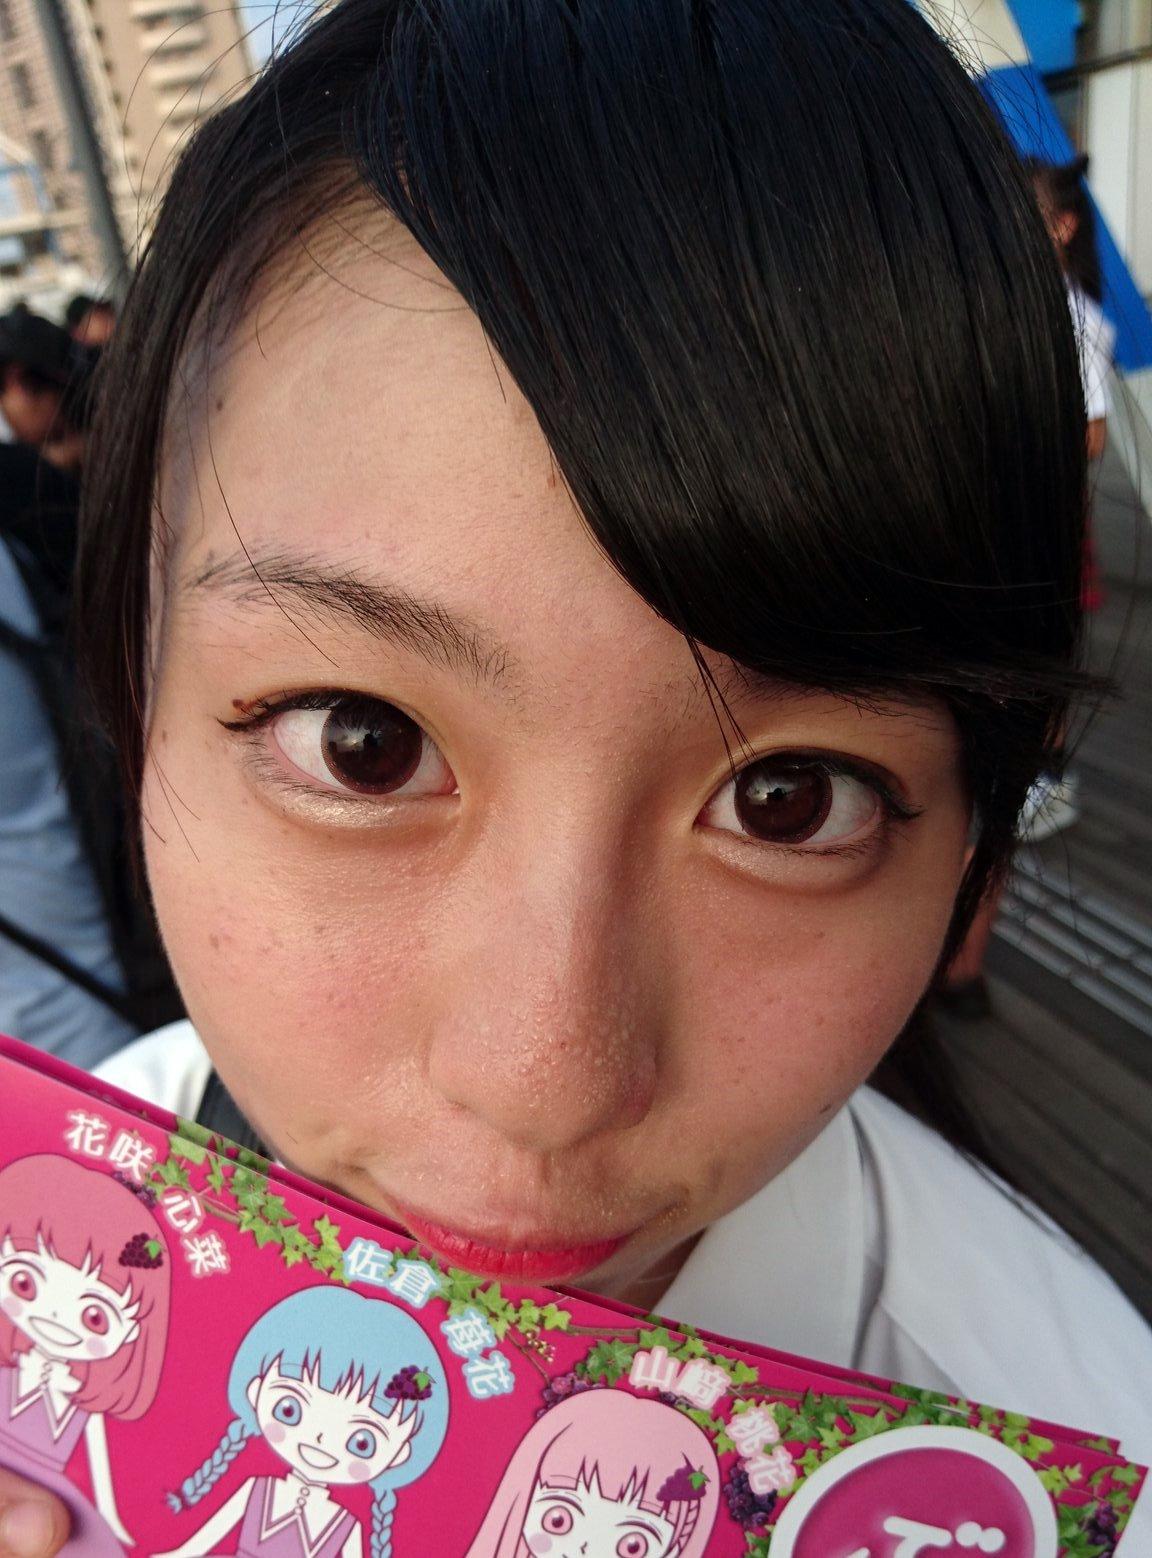 山﨑桃花の顔面どアップ (2)